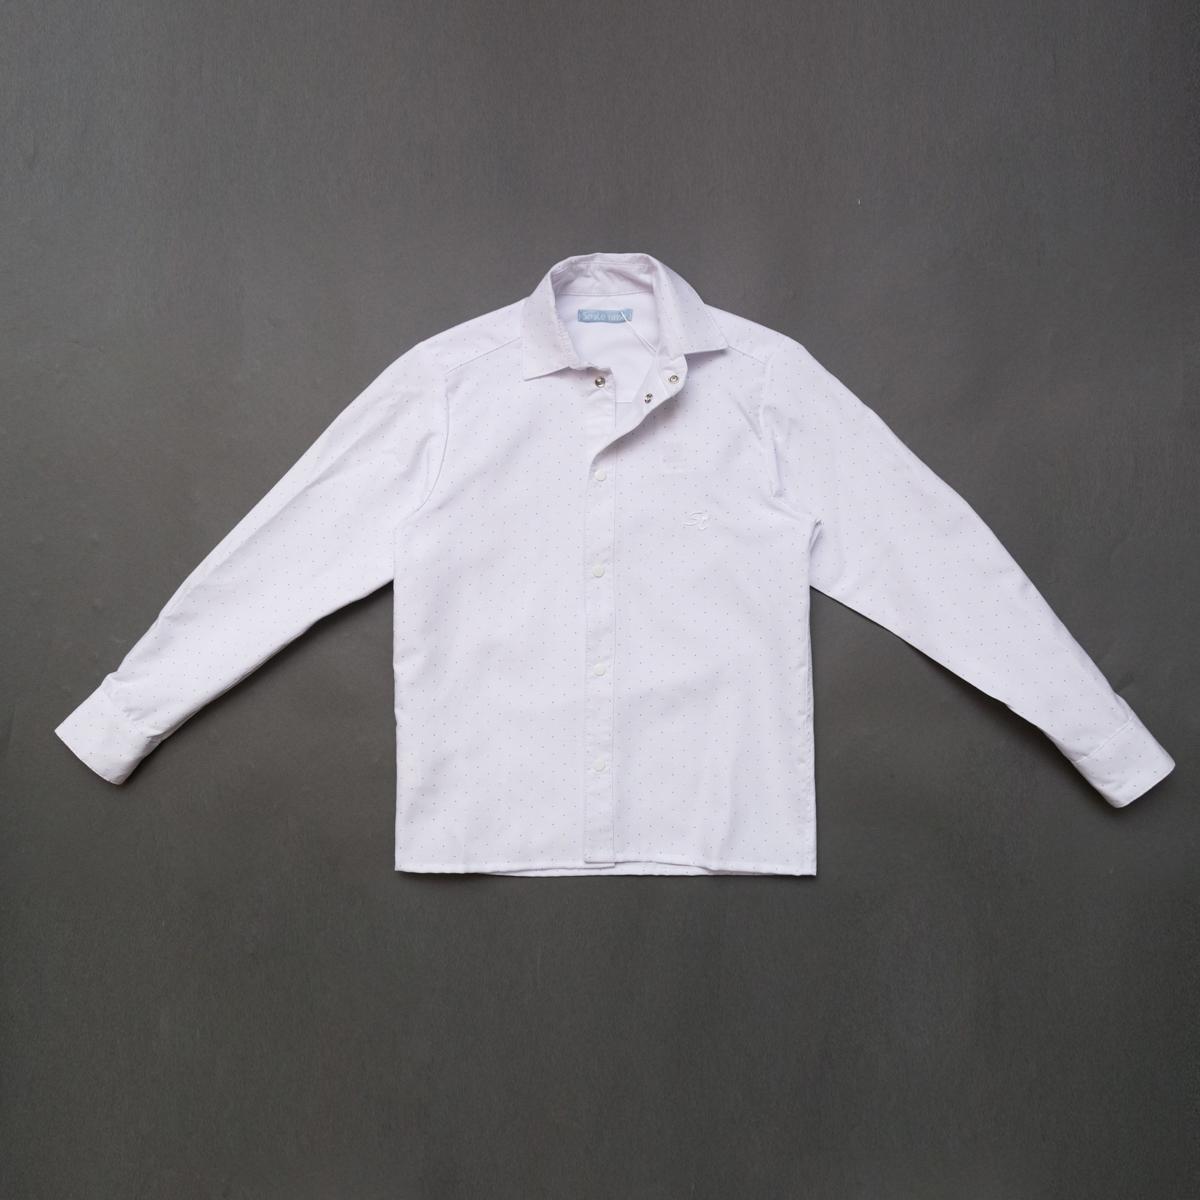 Рубашка SmileTime для мальчика с длинным рукавом на кнопках Points, белый